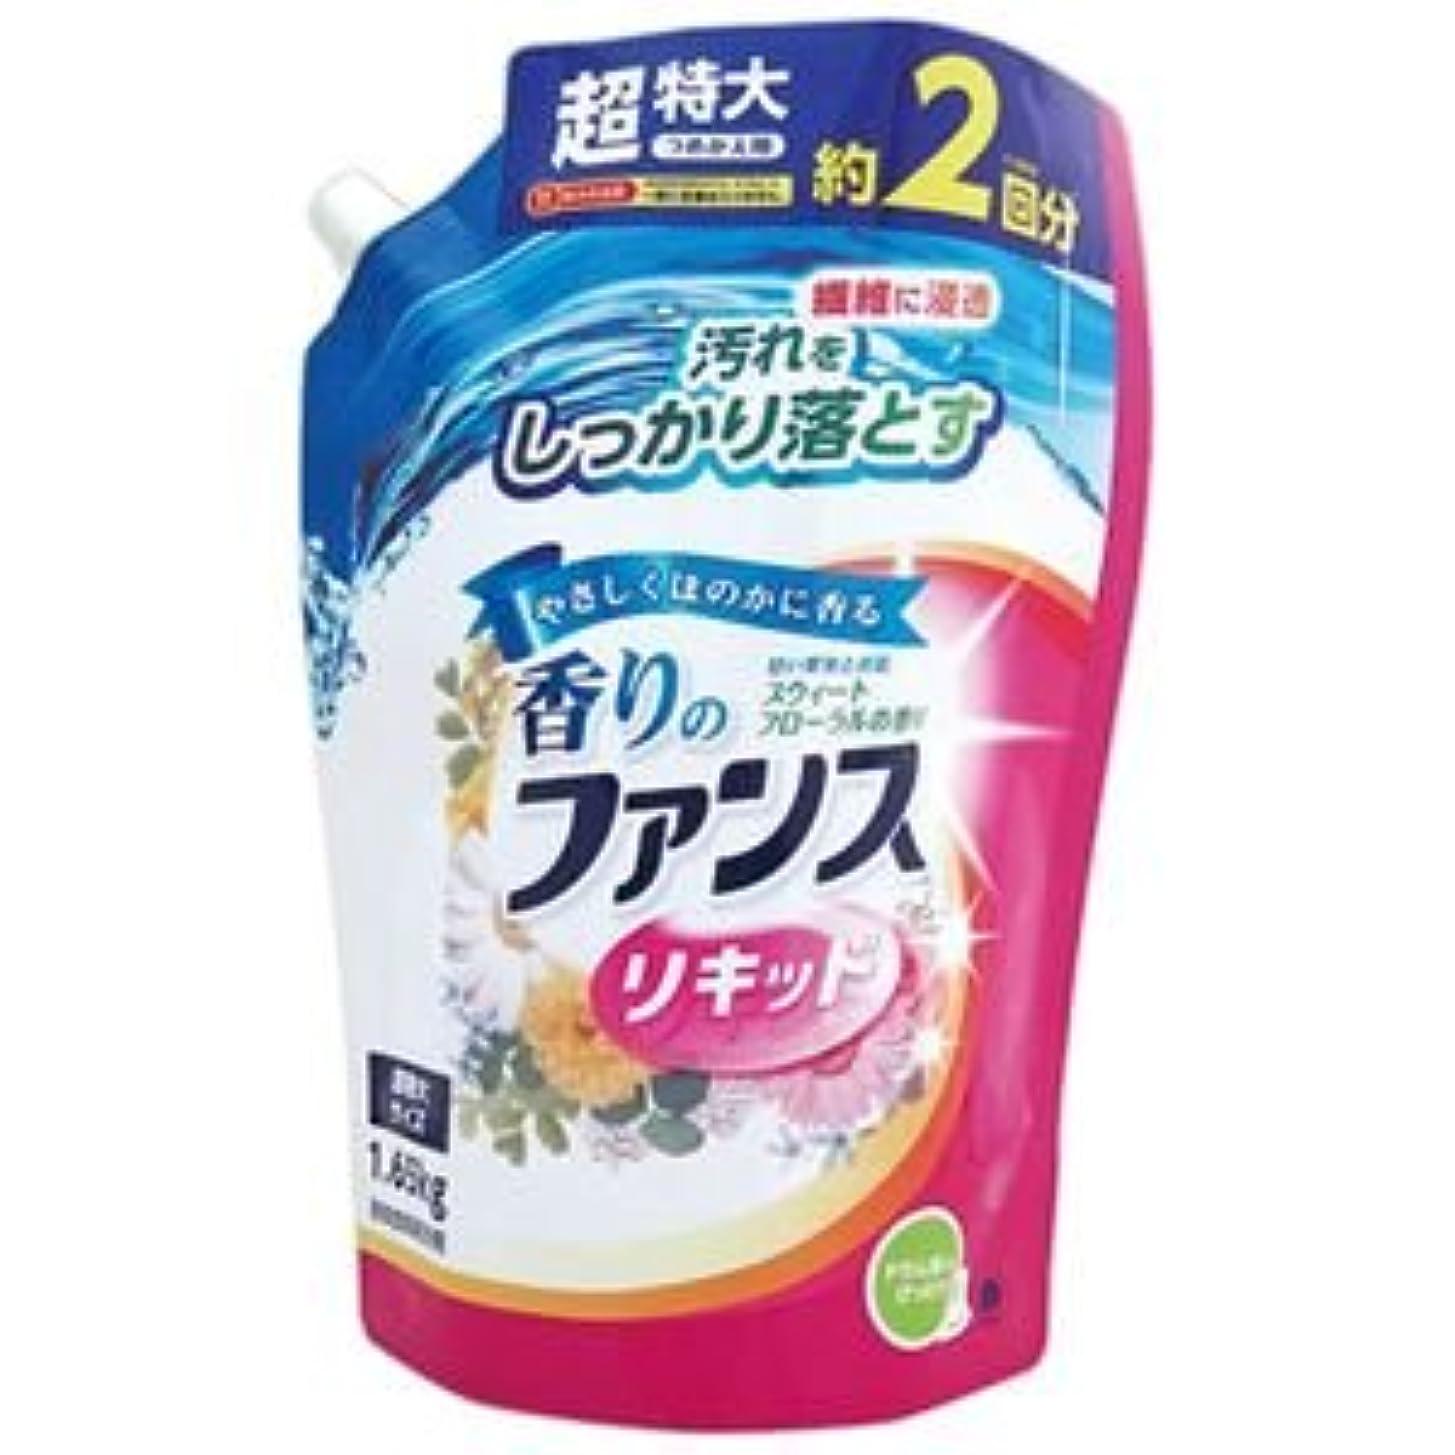 心理的にスナックコンチネンタル(まとめ) 第一石鹸 香りのファンス 液体衣料用洗剤リキッド 詰替用 1.65kg 1セット(6個) 【×2セット】